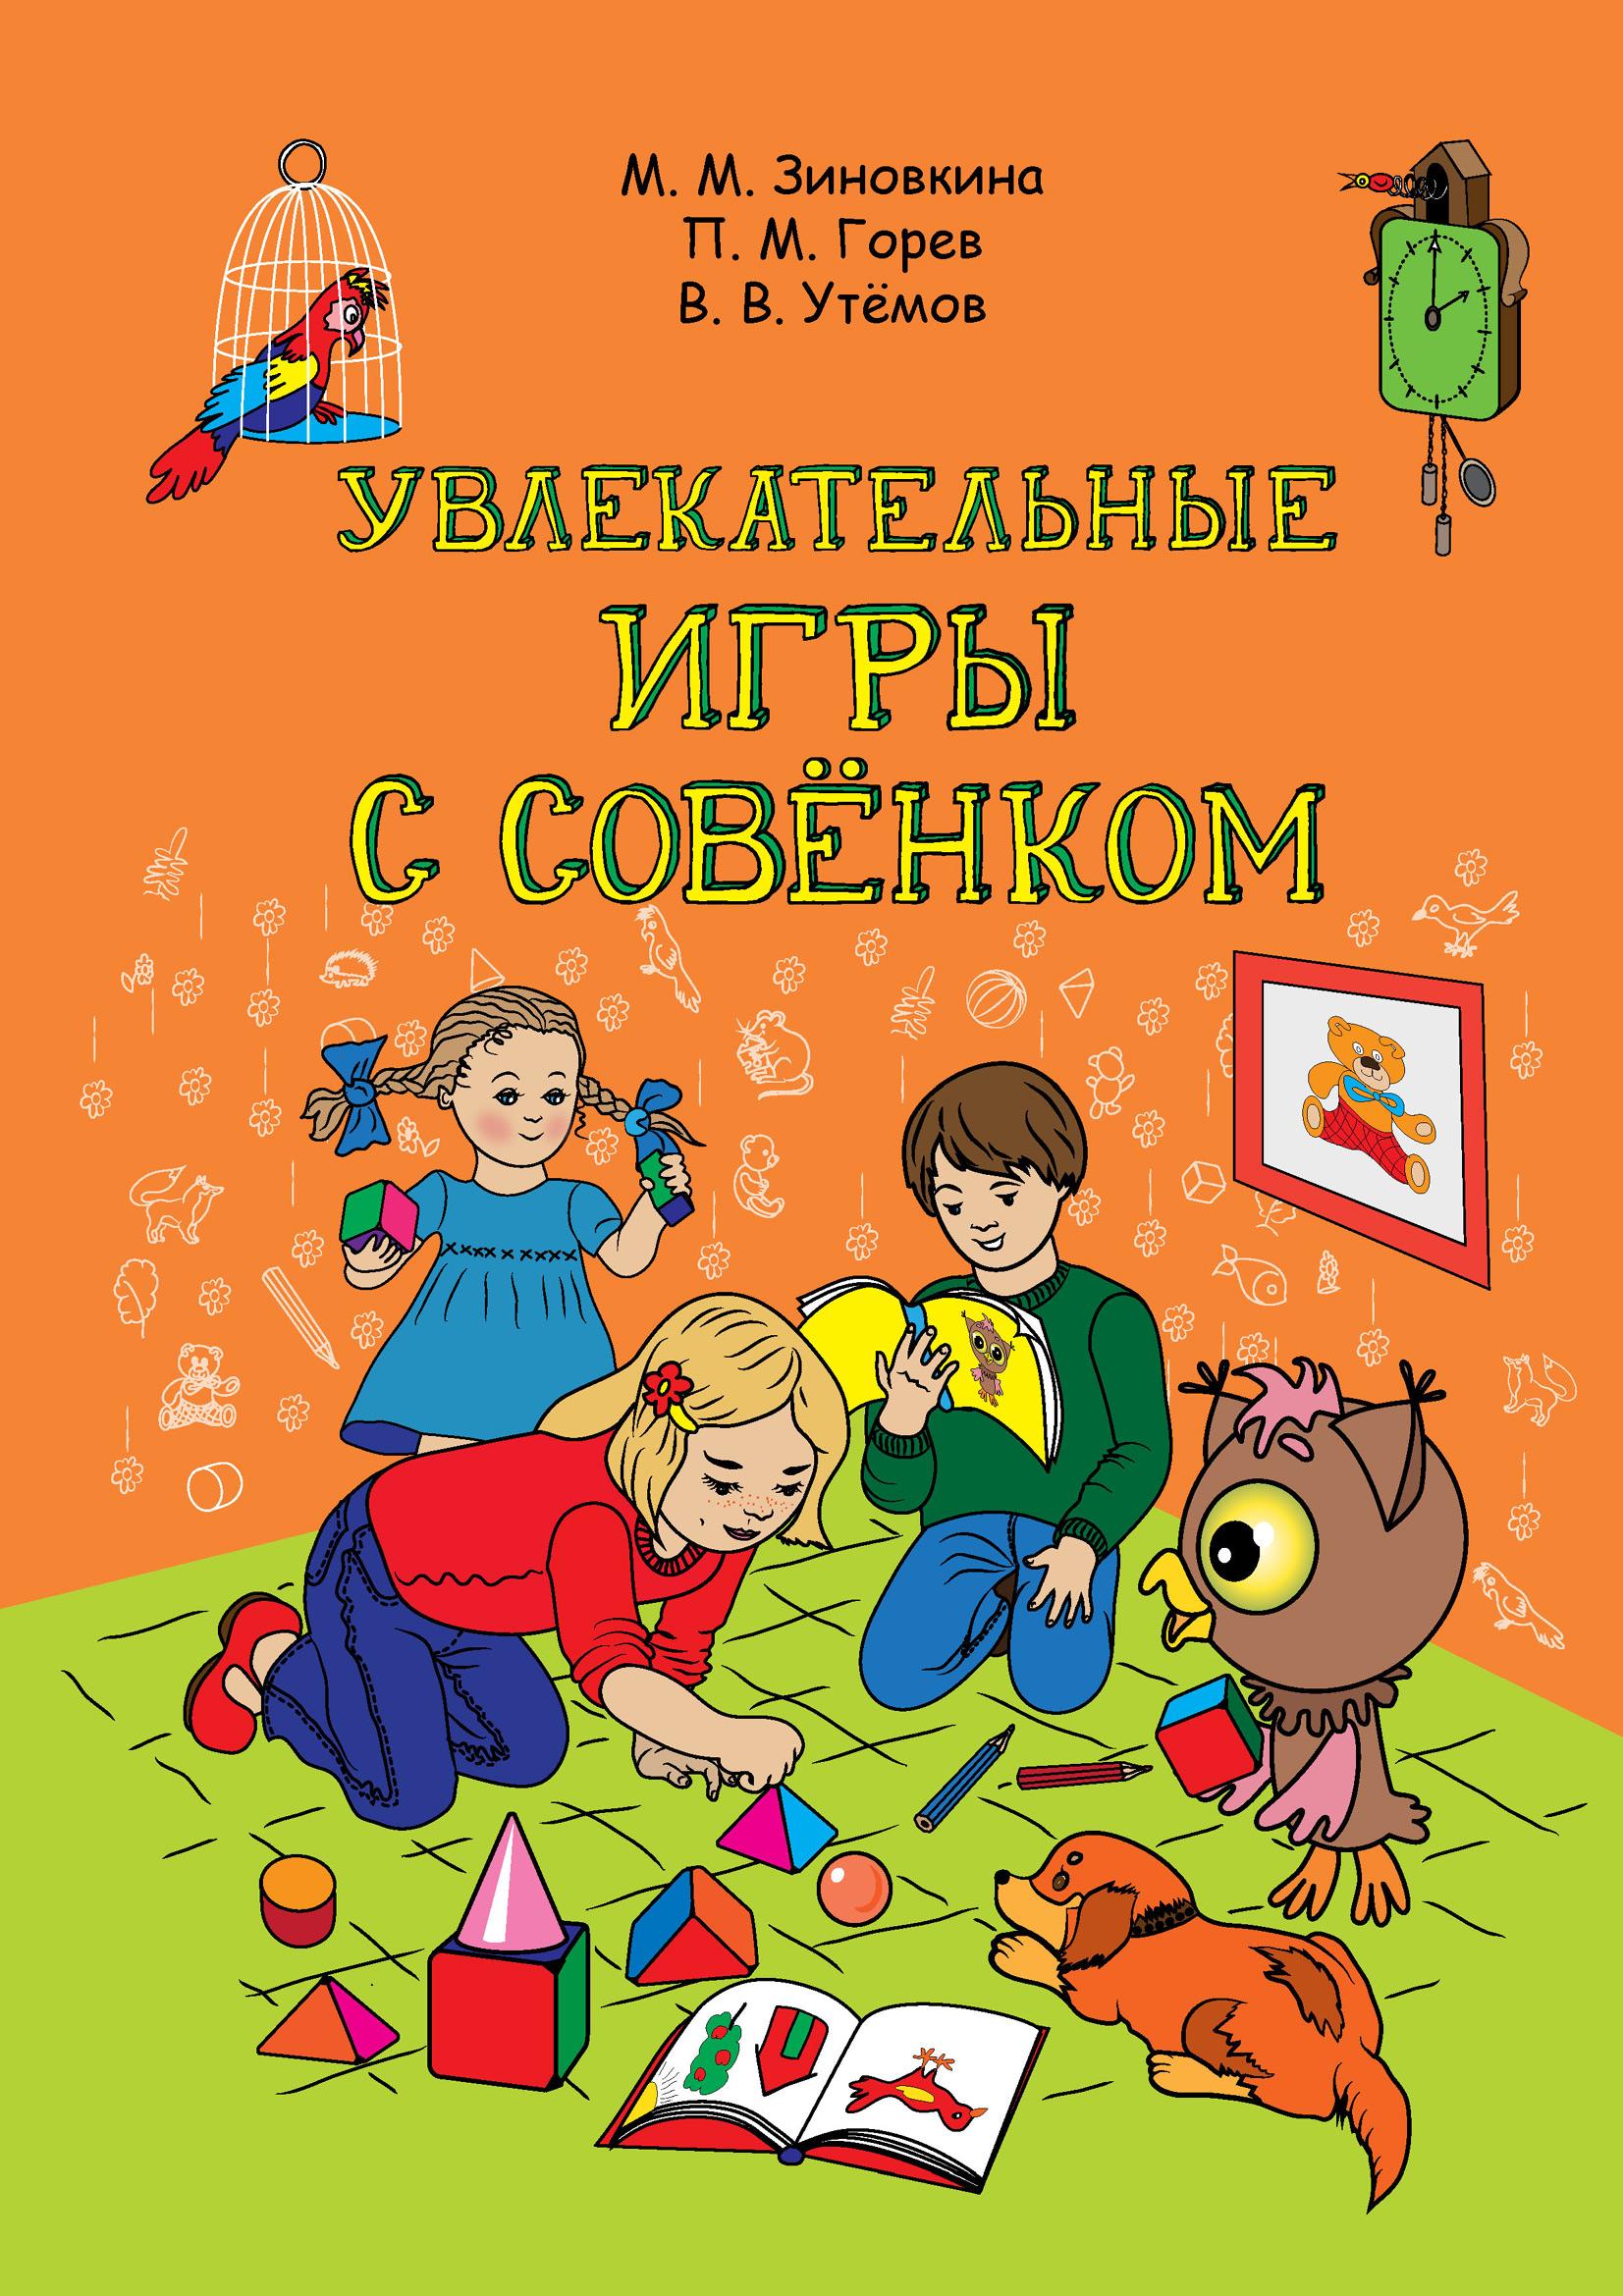 Увлекательные игры с Совёнком: учебно-методическое пособие по развитию творческого мышления детей дошкольного возраста